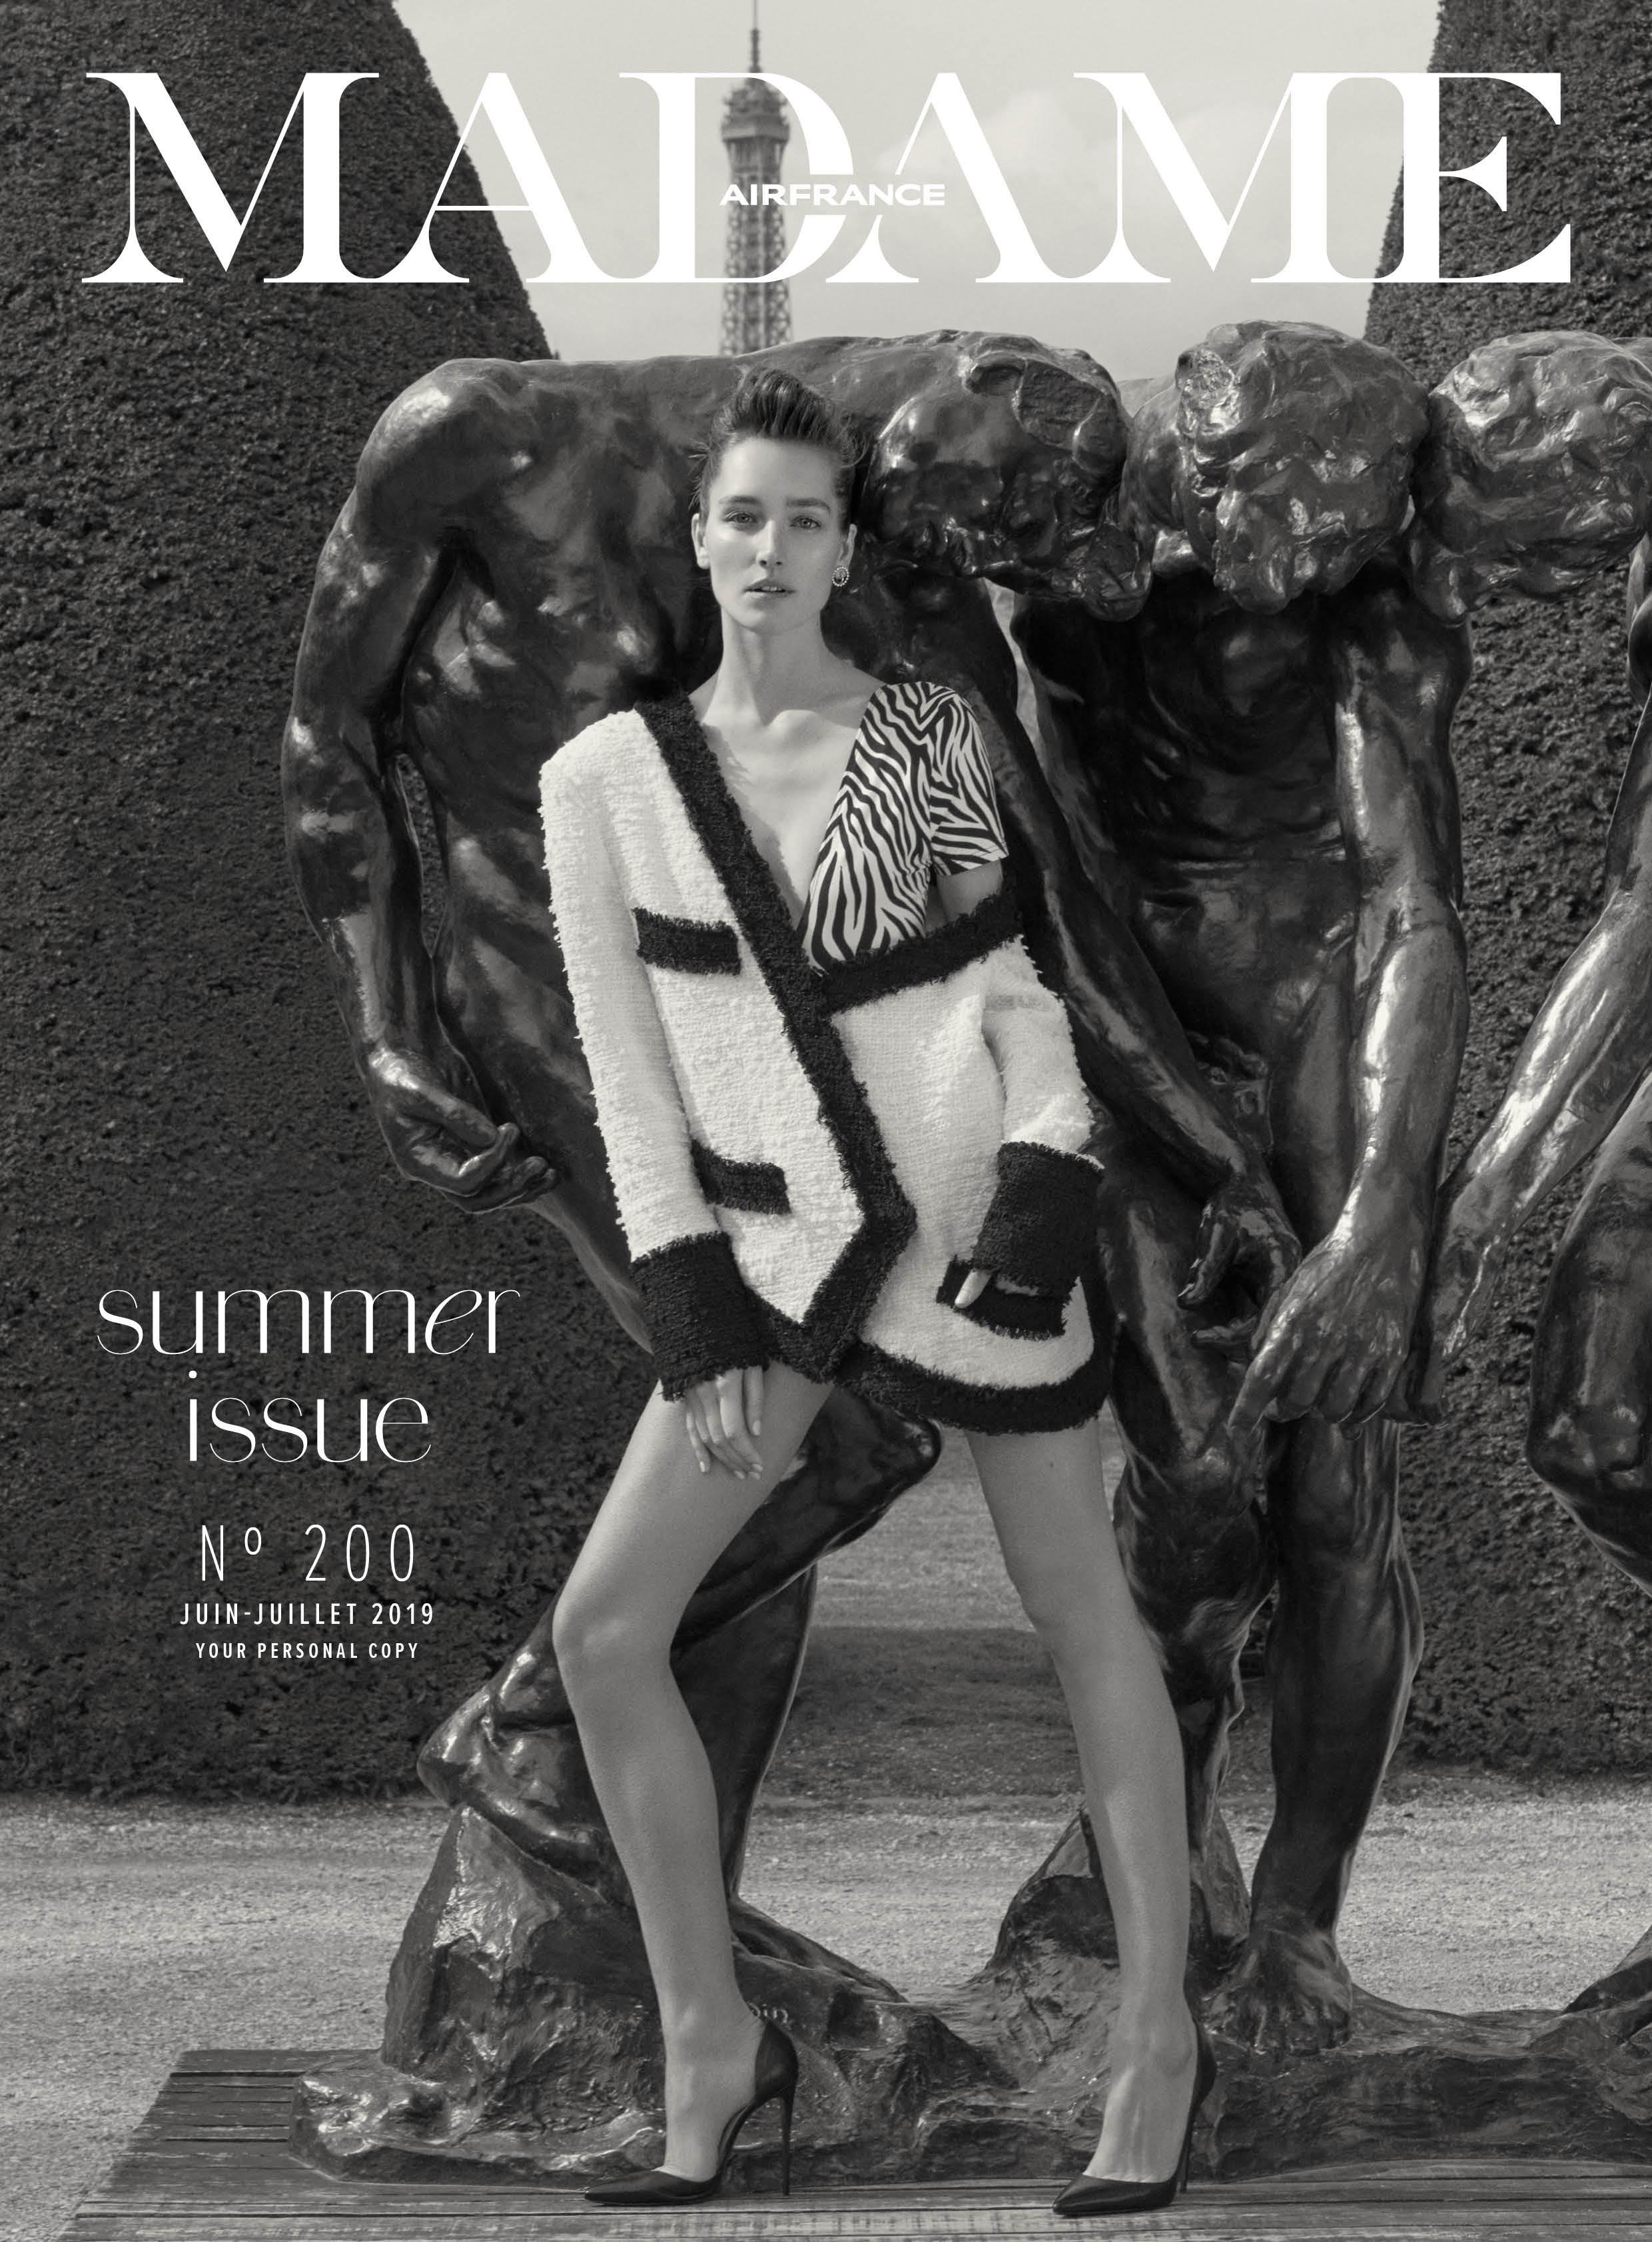 200_COVER.jpg